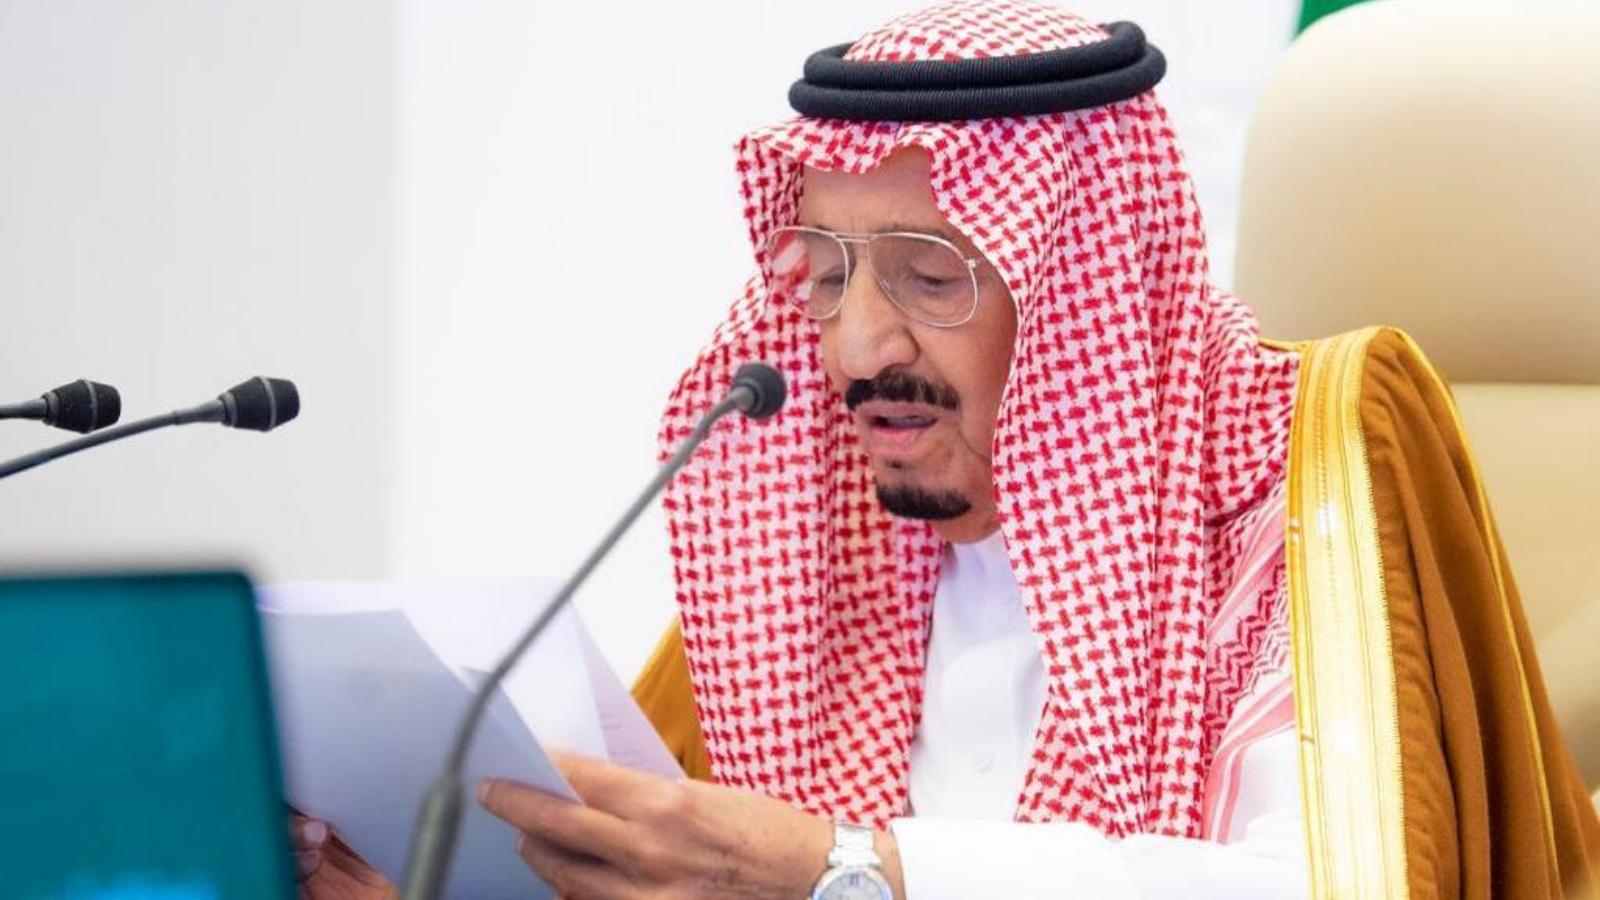 السعودية نيوز |  الملك سلمان: المملكة ستستمر بلعب دور رئيسي في مجموعة العشرين